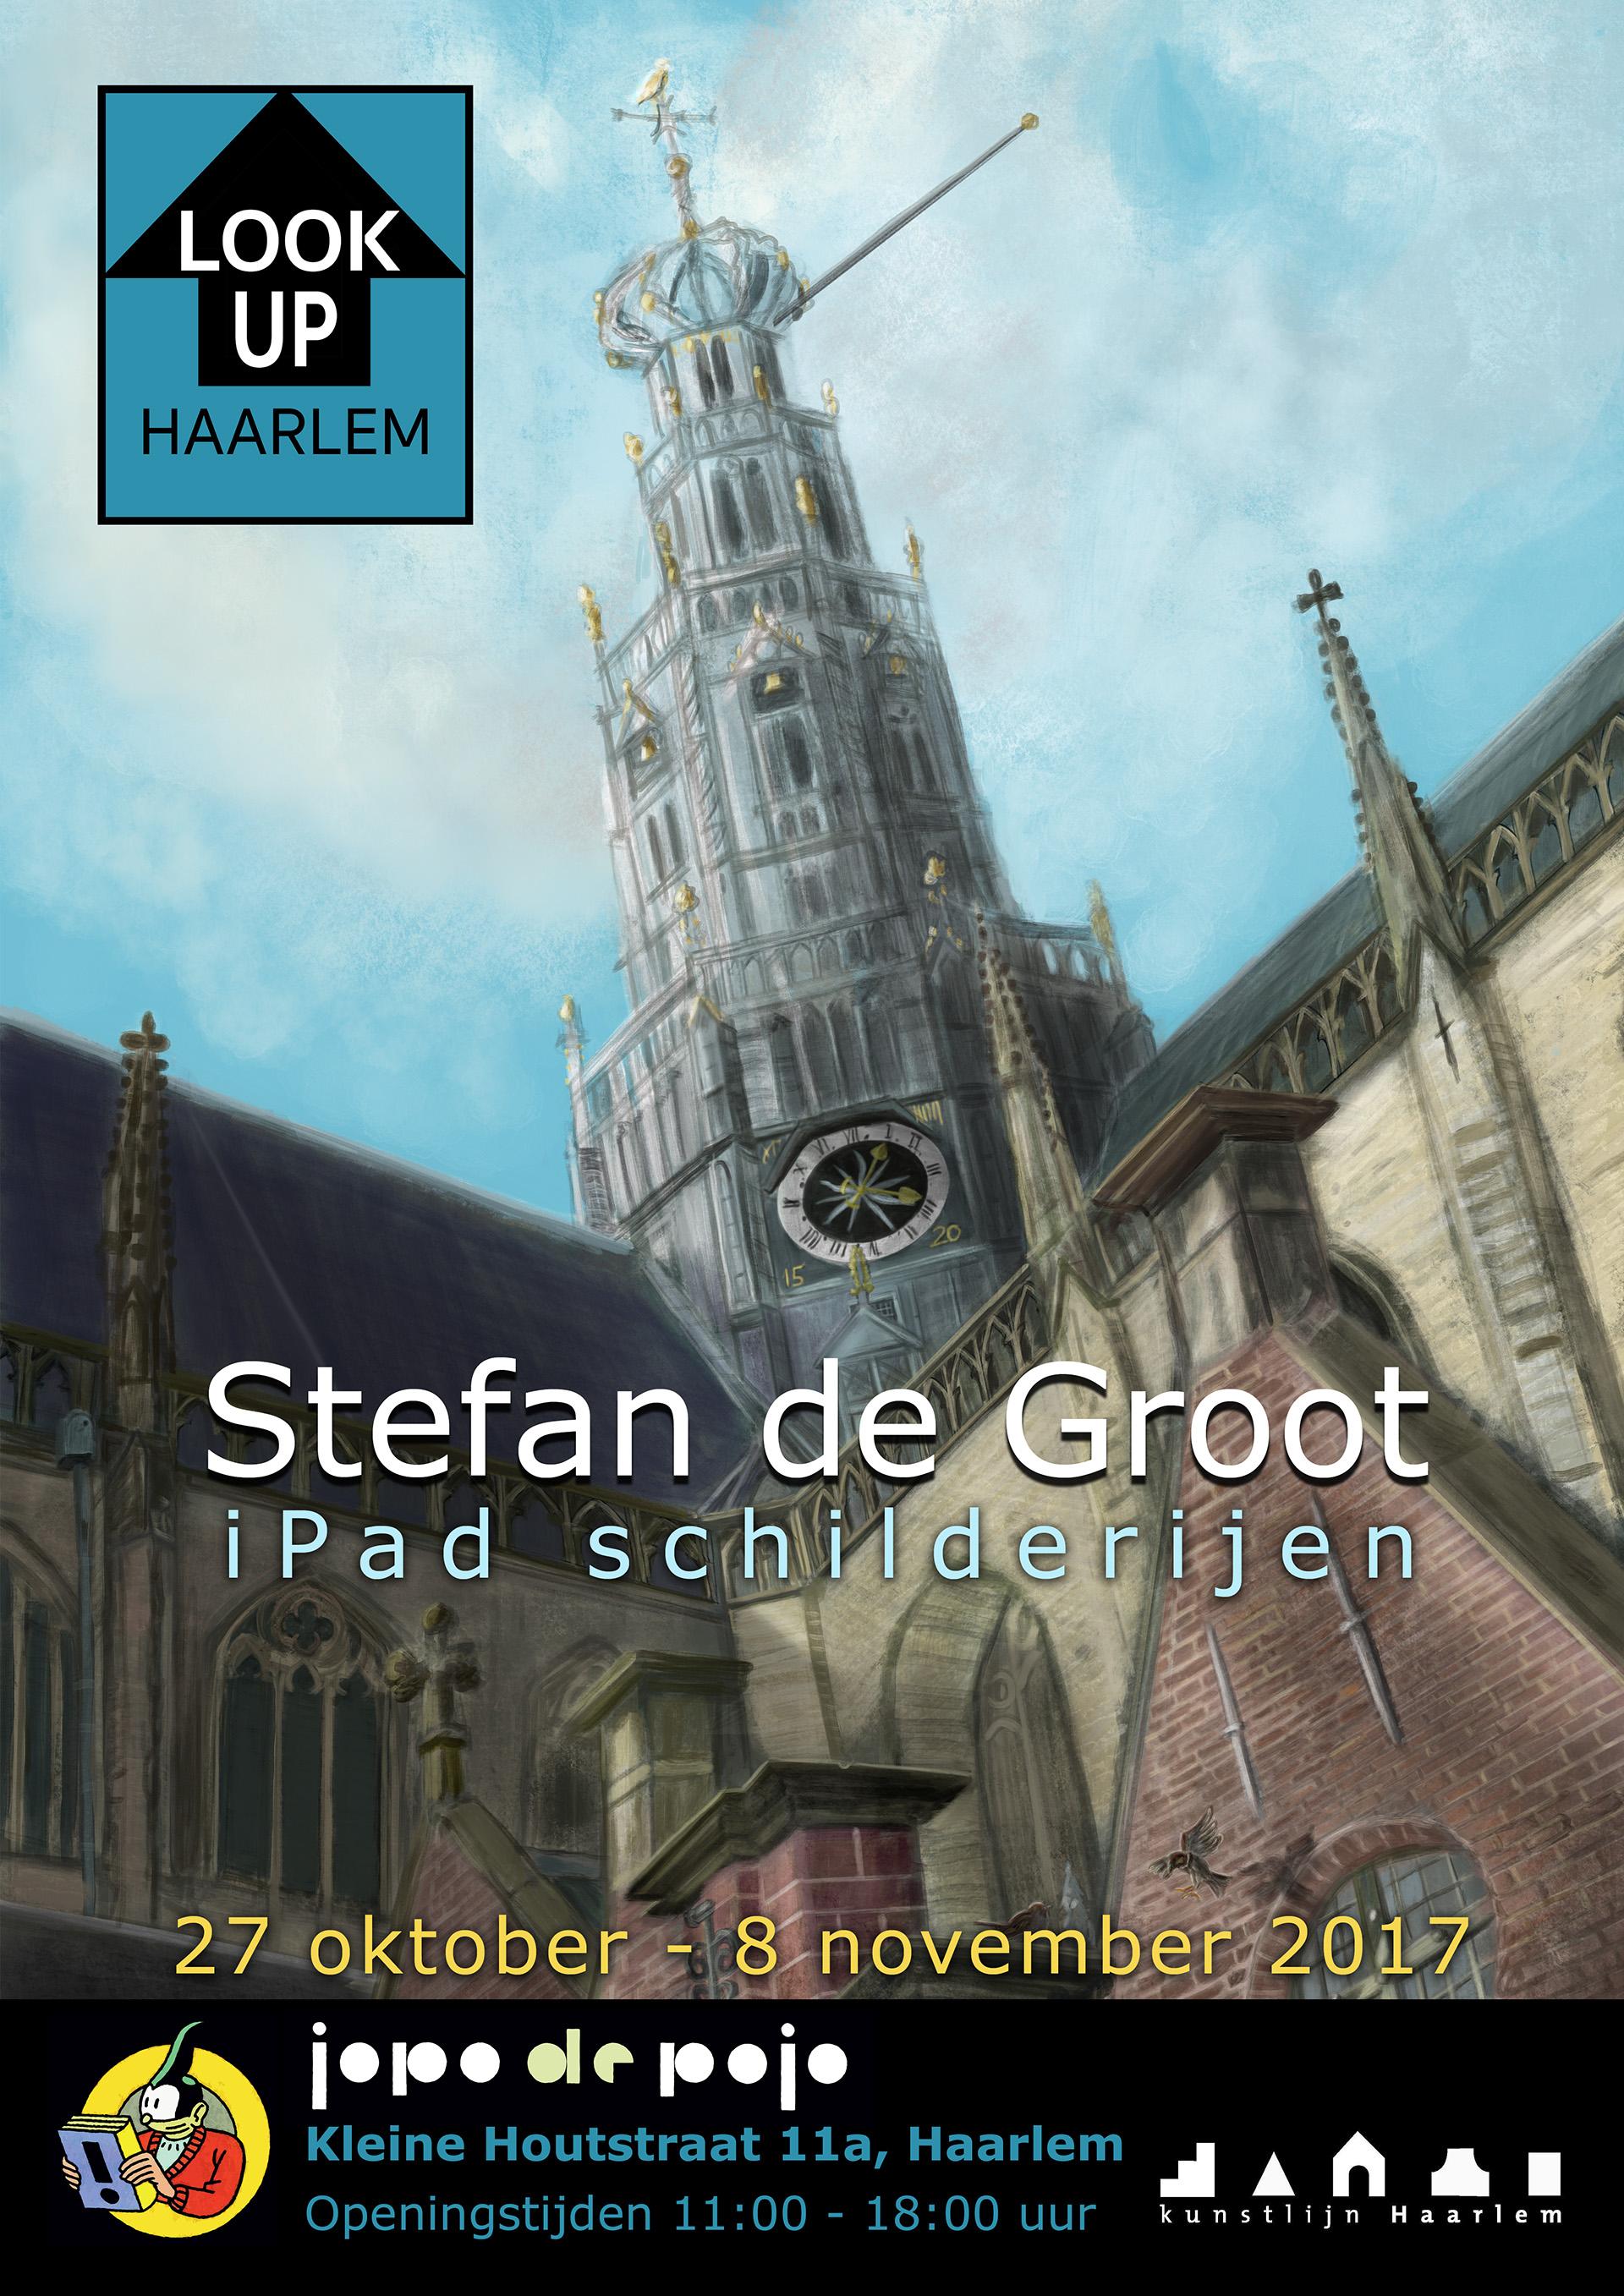 LookUp Haarlem Stefan de Groot